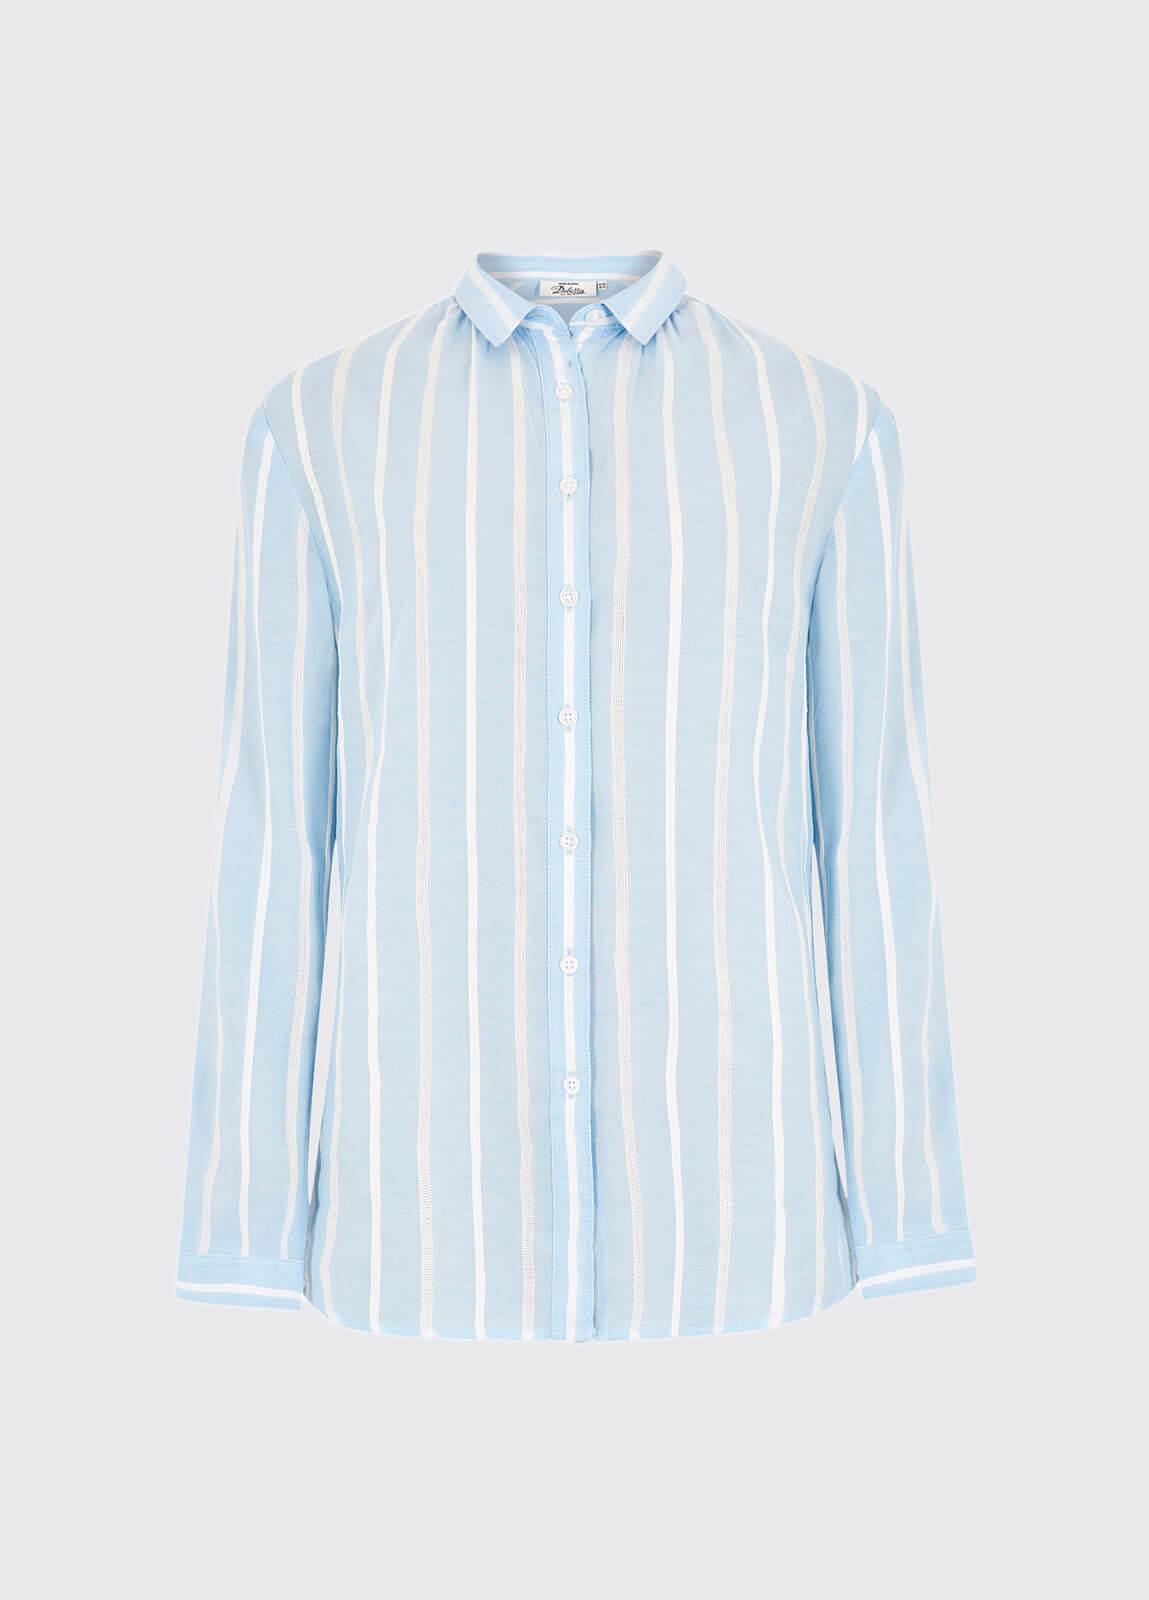 Violet Shirt - Pale Blue